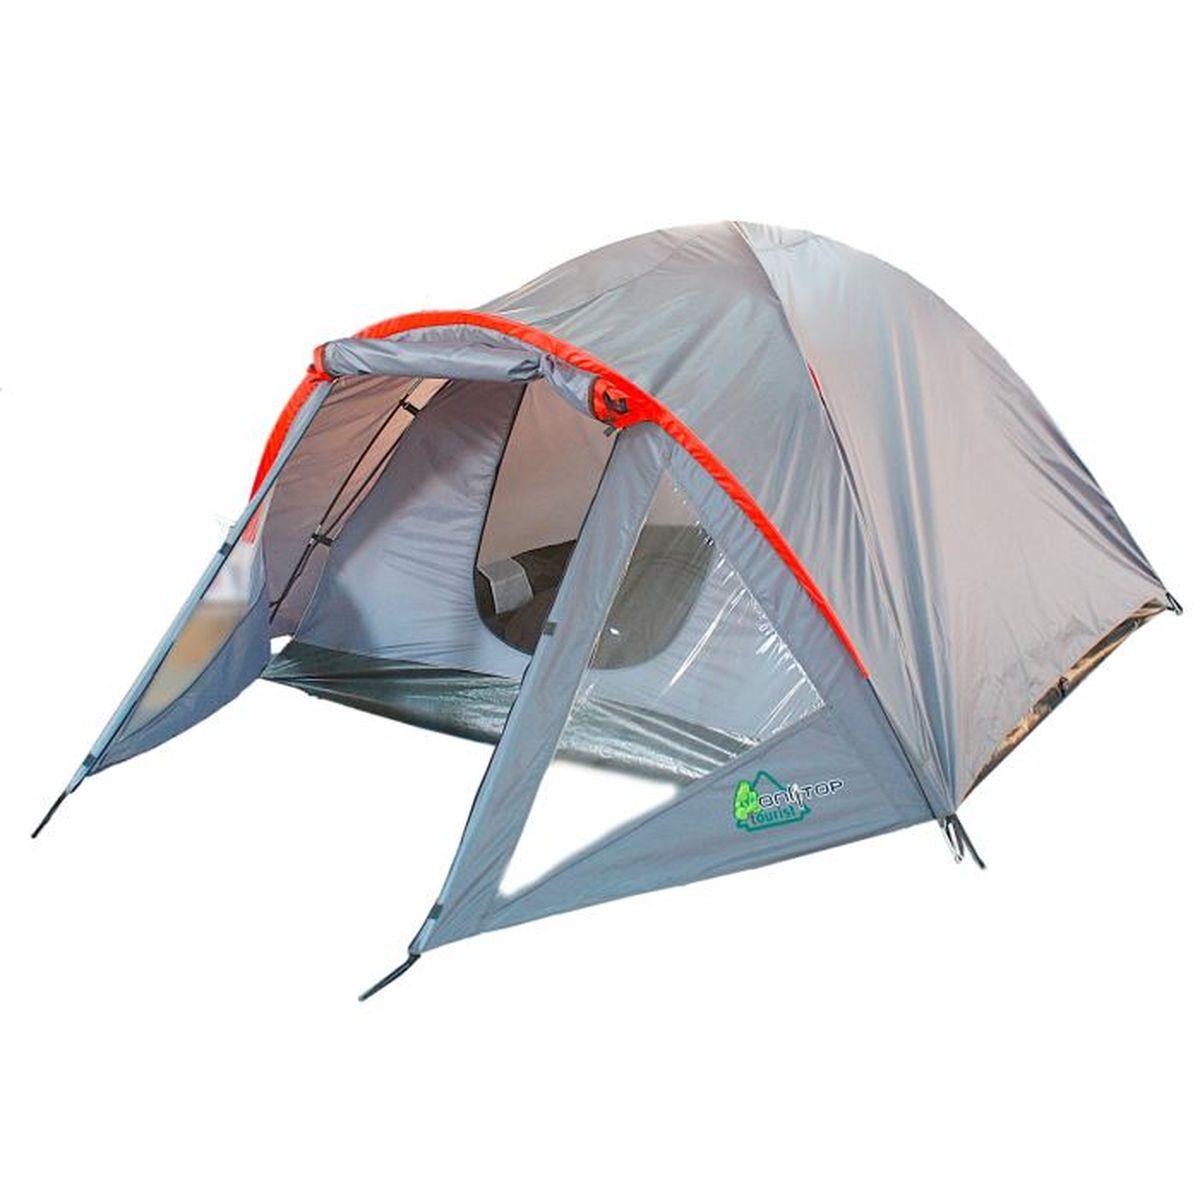 Палатка туристическая Onlitop DISCOVERY 2, цвет: серыйGESS-725Если вы заядлый турист или просто любитель природы, вы хоть раз задумывались о ночёвке на свежем воздухе. Чтобы провести это время с комфортом, вам понадобится отличная палатка, такая как DISCOVERY. Она обеспечит безопасный досуг и защитит от непогоды и насекомых. Дополнительным преимуществом данной модели является тамбур, с помощью которого вы можете сэкономить пространство и разместить вещи. Ткань рипстоп гарантирует длительную эксплуатацию палатки за счёт высокой прочности материала.